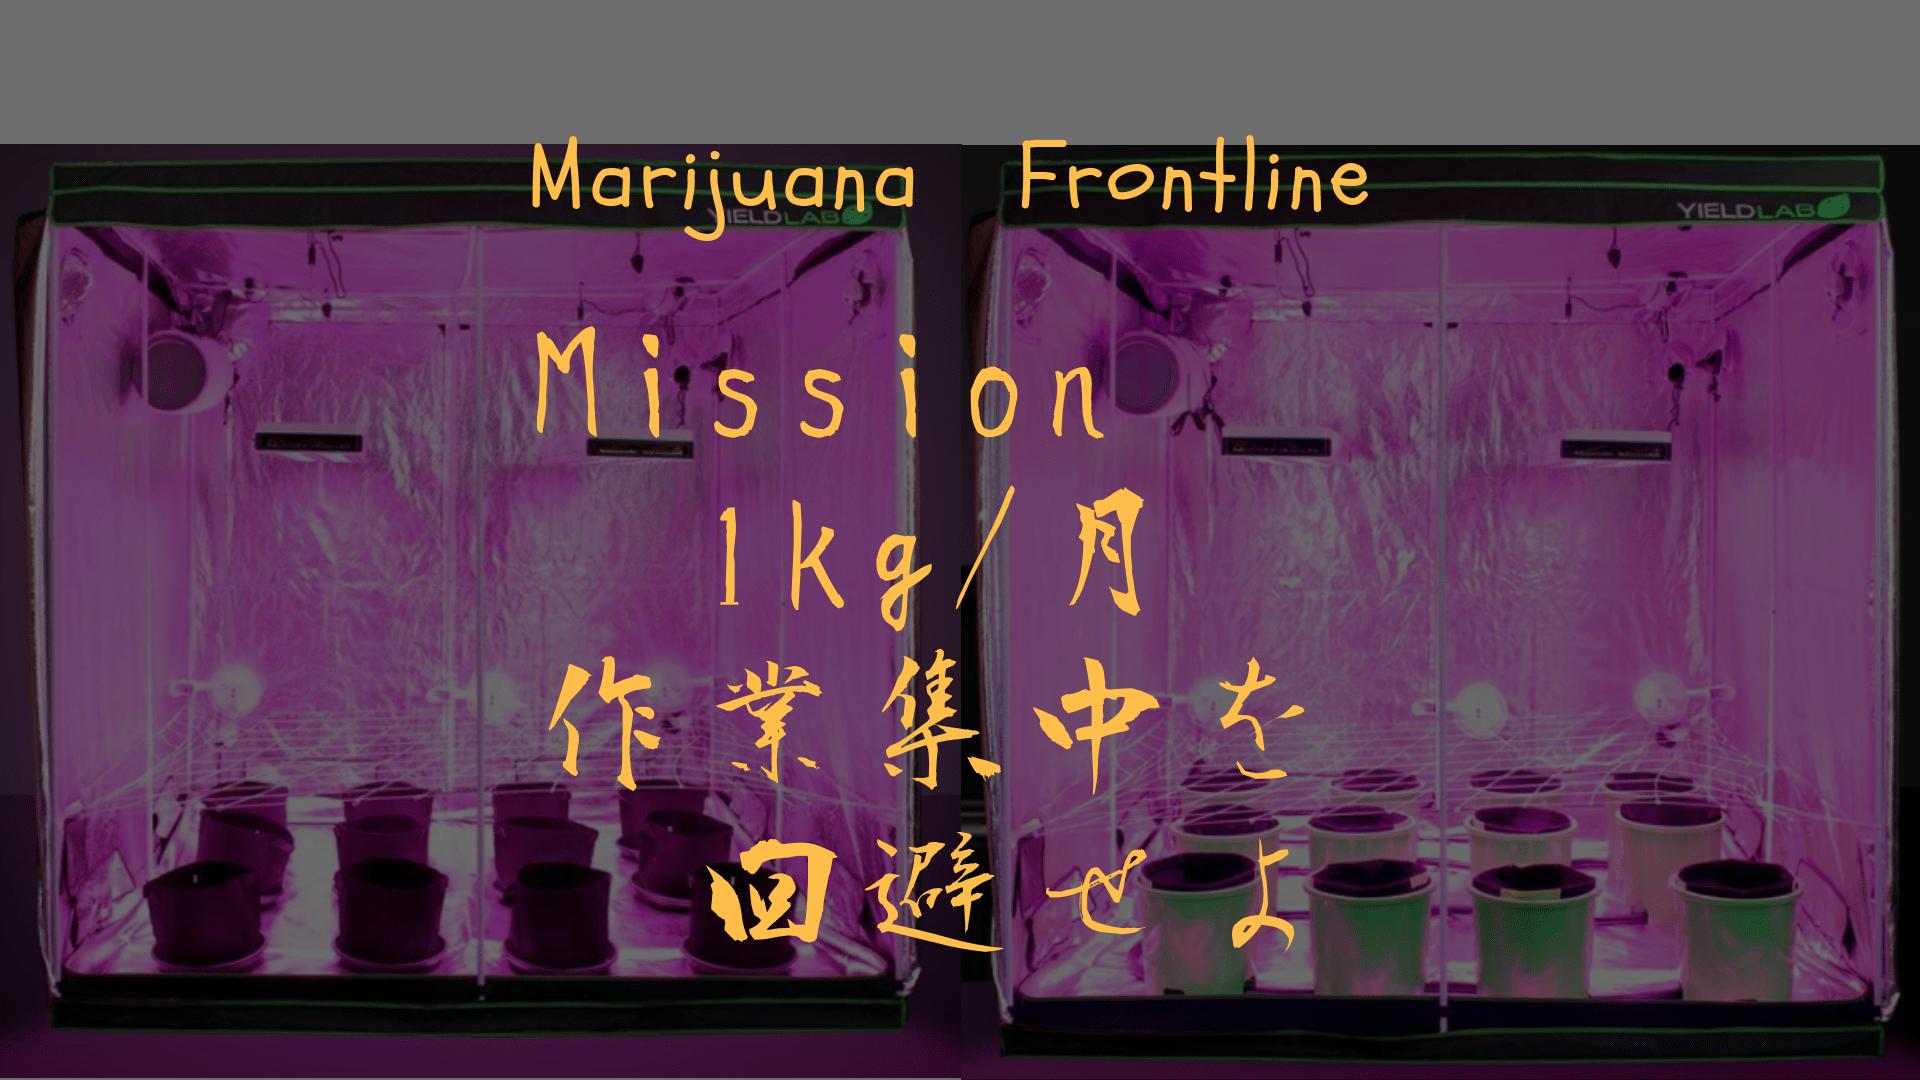 大麻栽培最前線